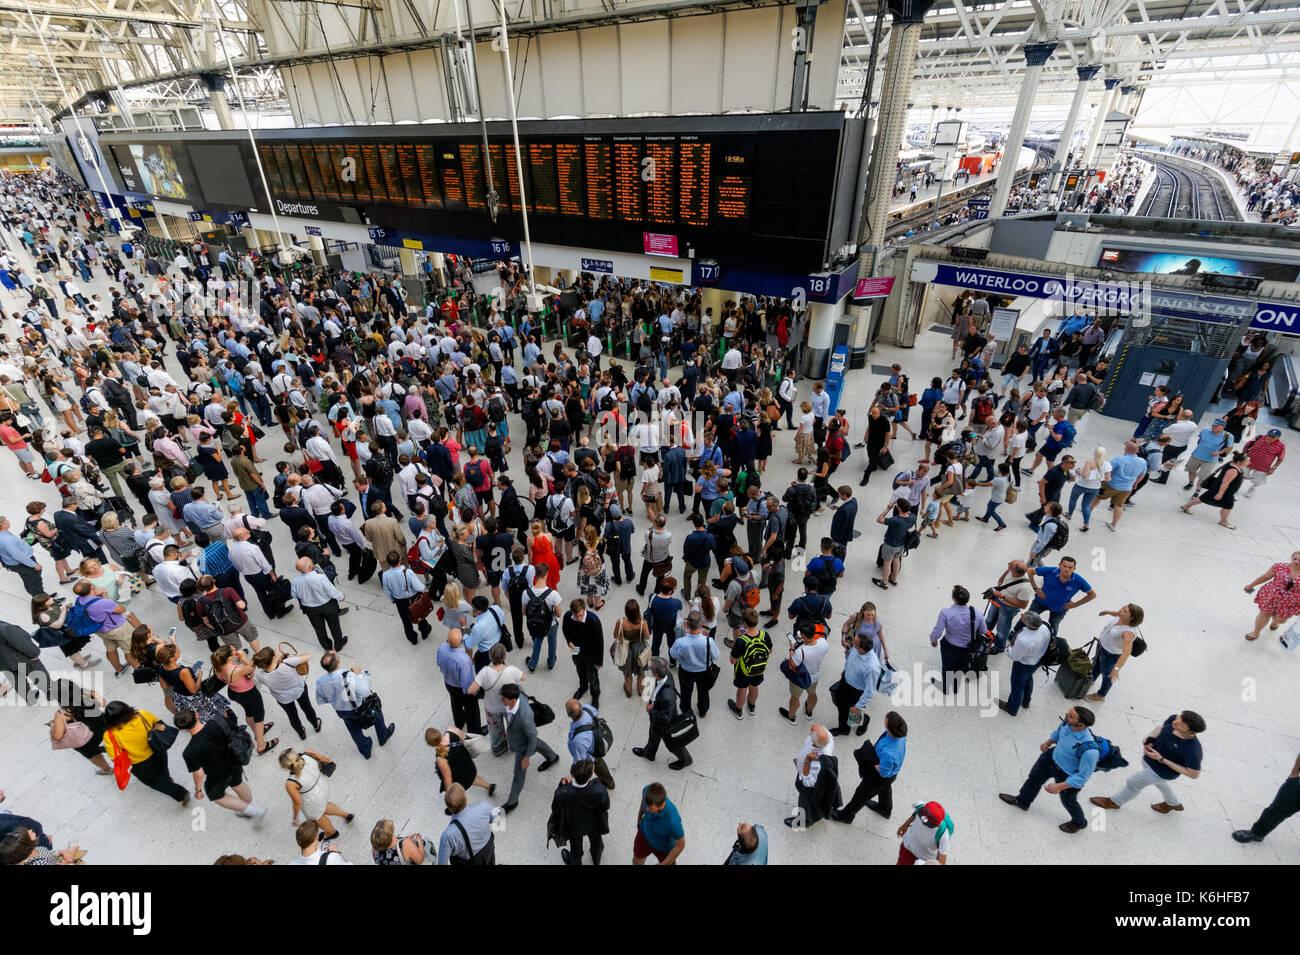 Passengers at Waterloo Station wait for delayed trains, London, England, United Kingdom, UK - Stock Image